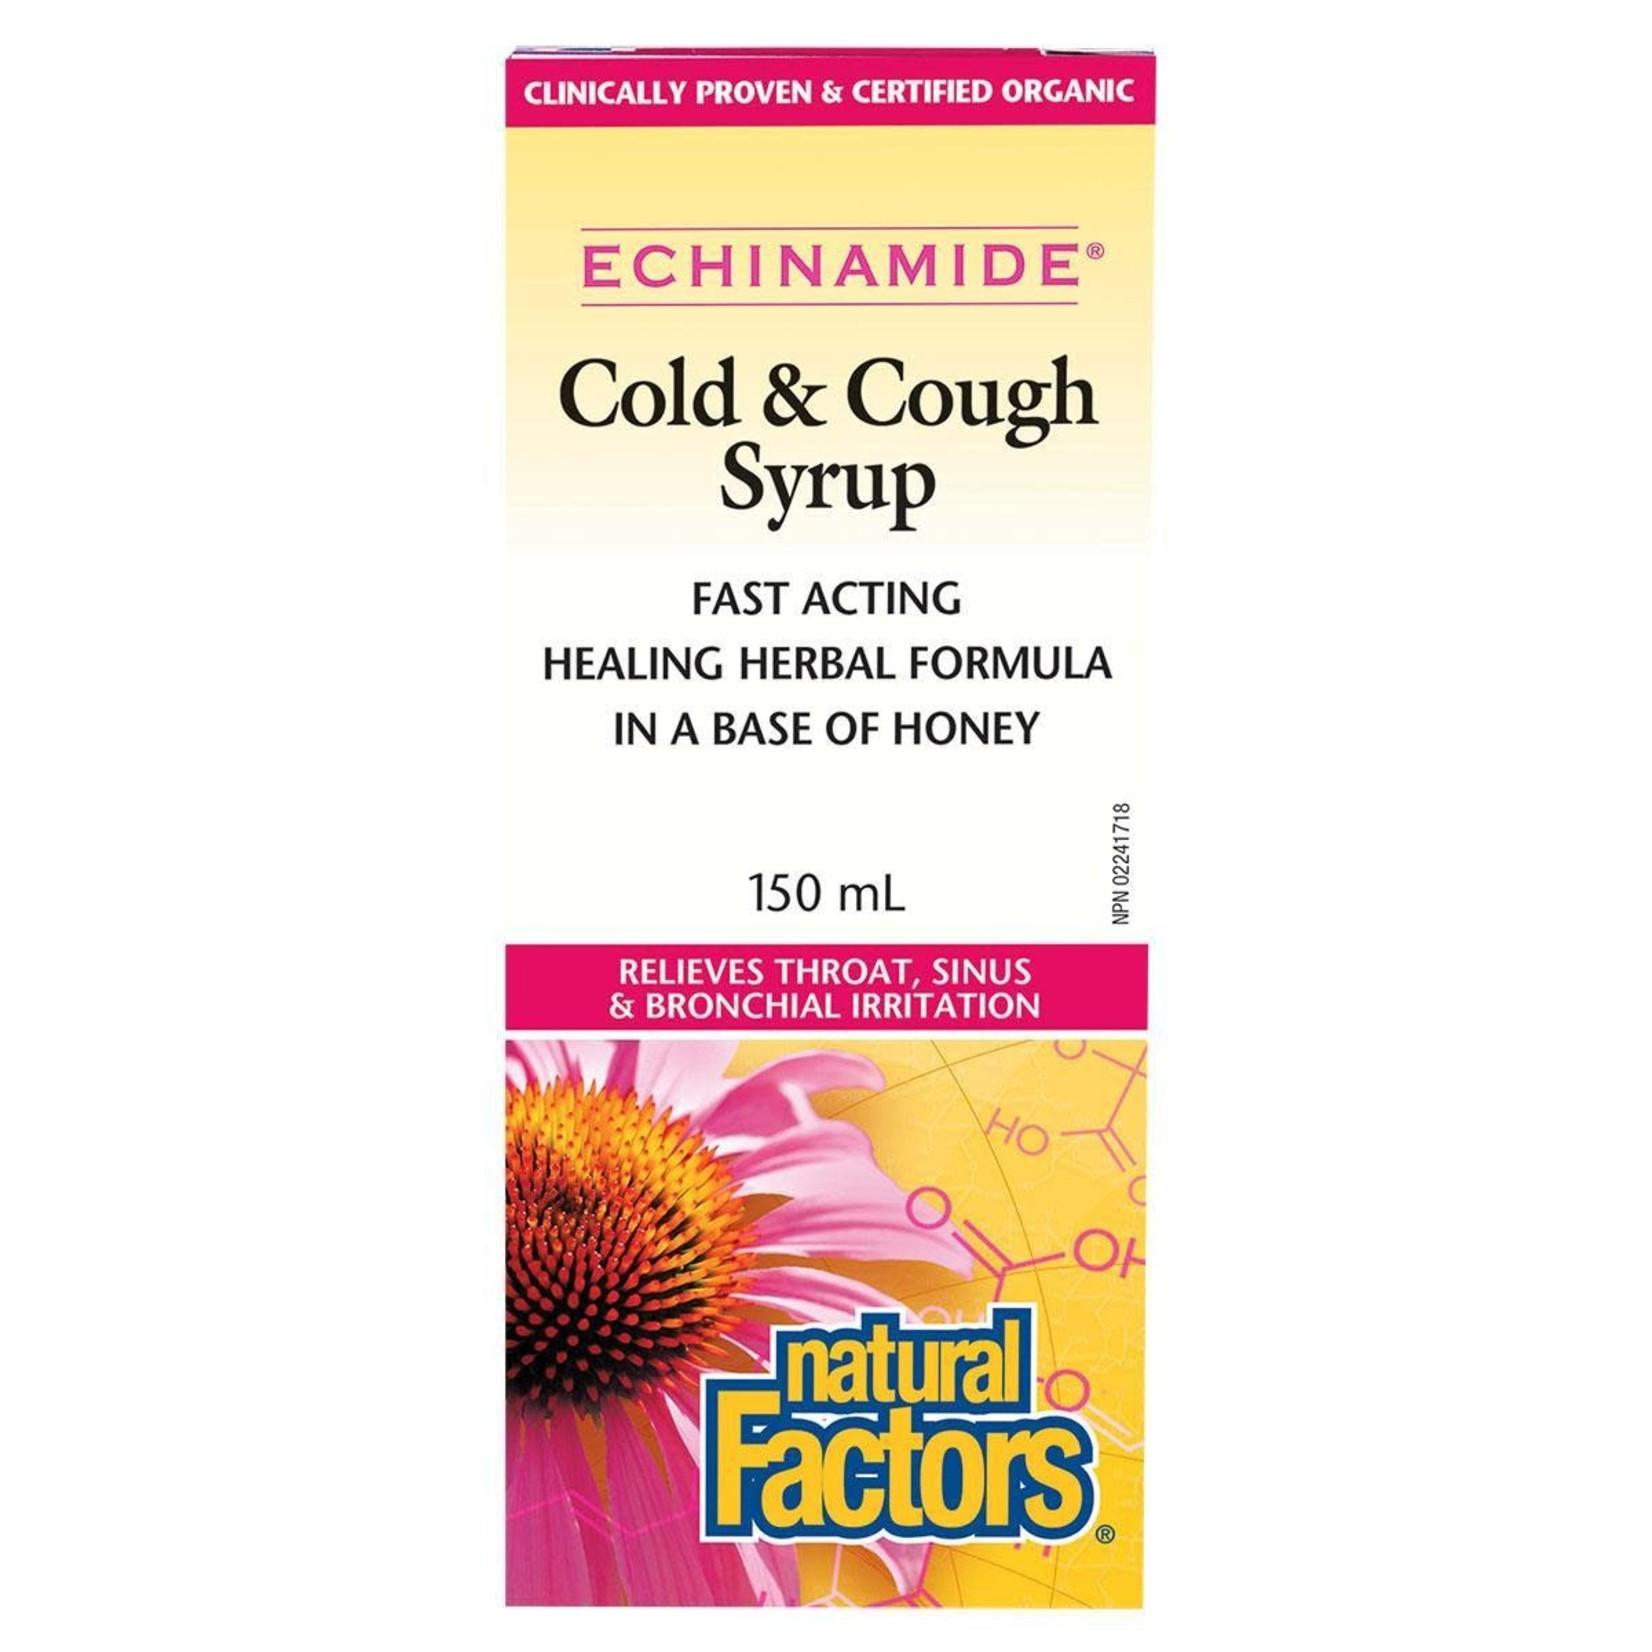 Natural Factors Natural Factors Cold & Cough Syrup 150ml